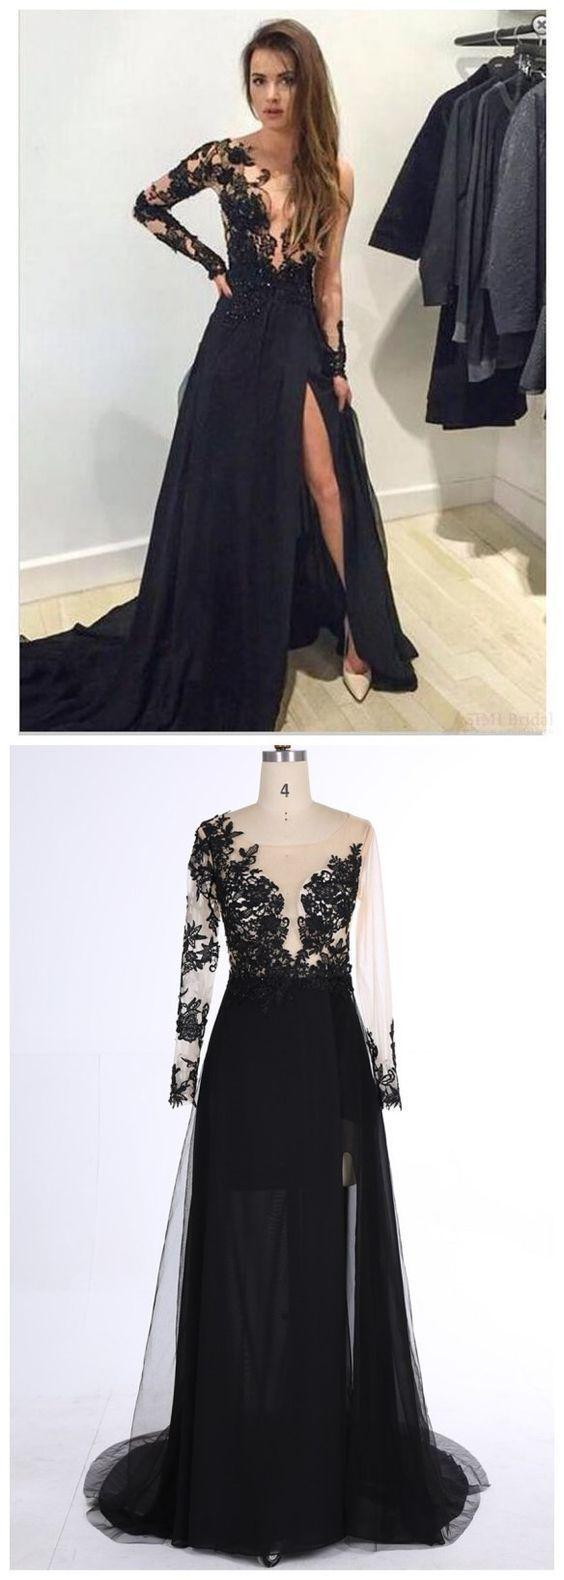 Elegant Black Lace Appliques Prom Dress,One Shoulder Evening Dress,A Line Prom Dress,V Neckline Prom Dress,